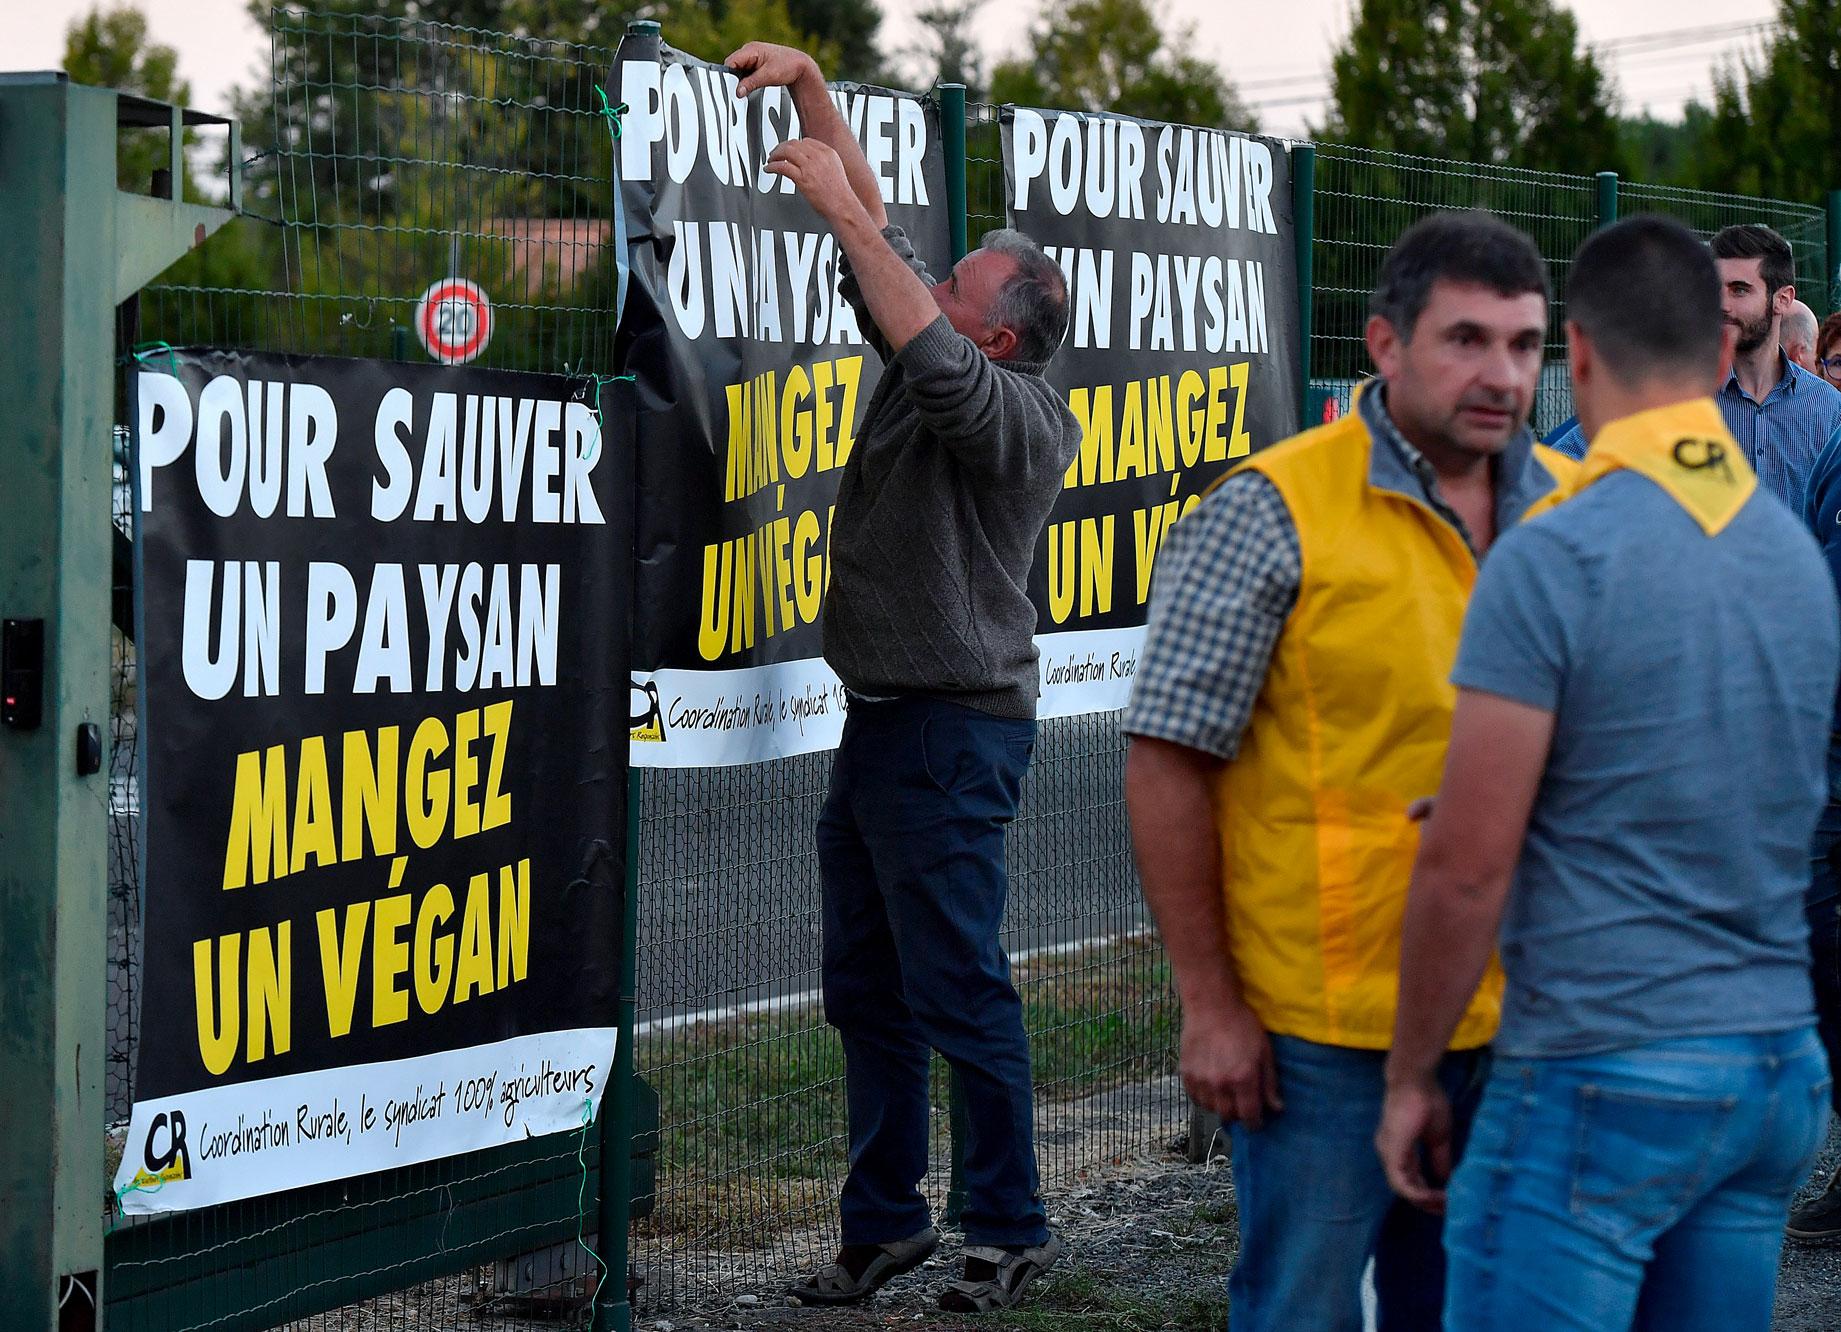 Agriculteurs lors d'une manifestation anti-vegan